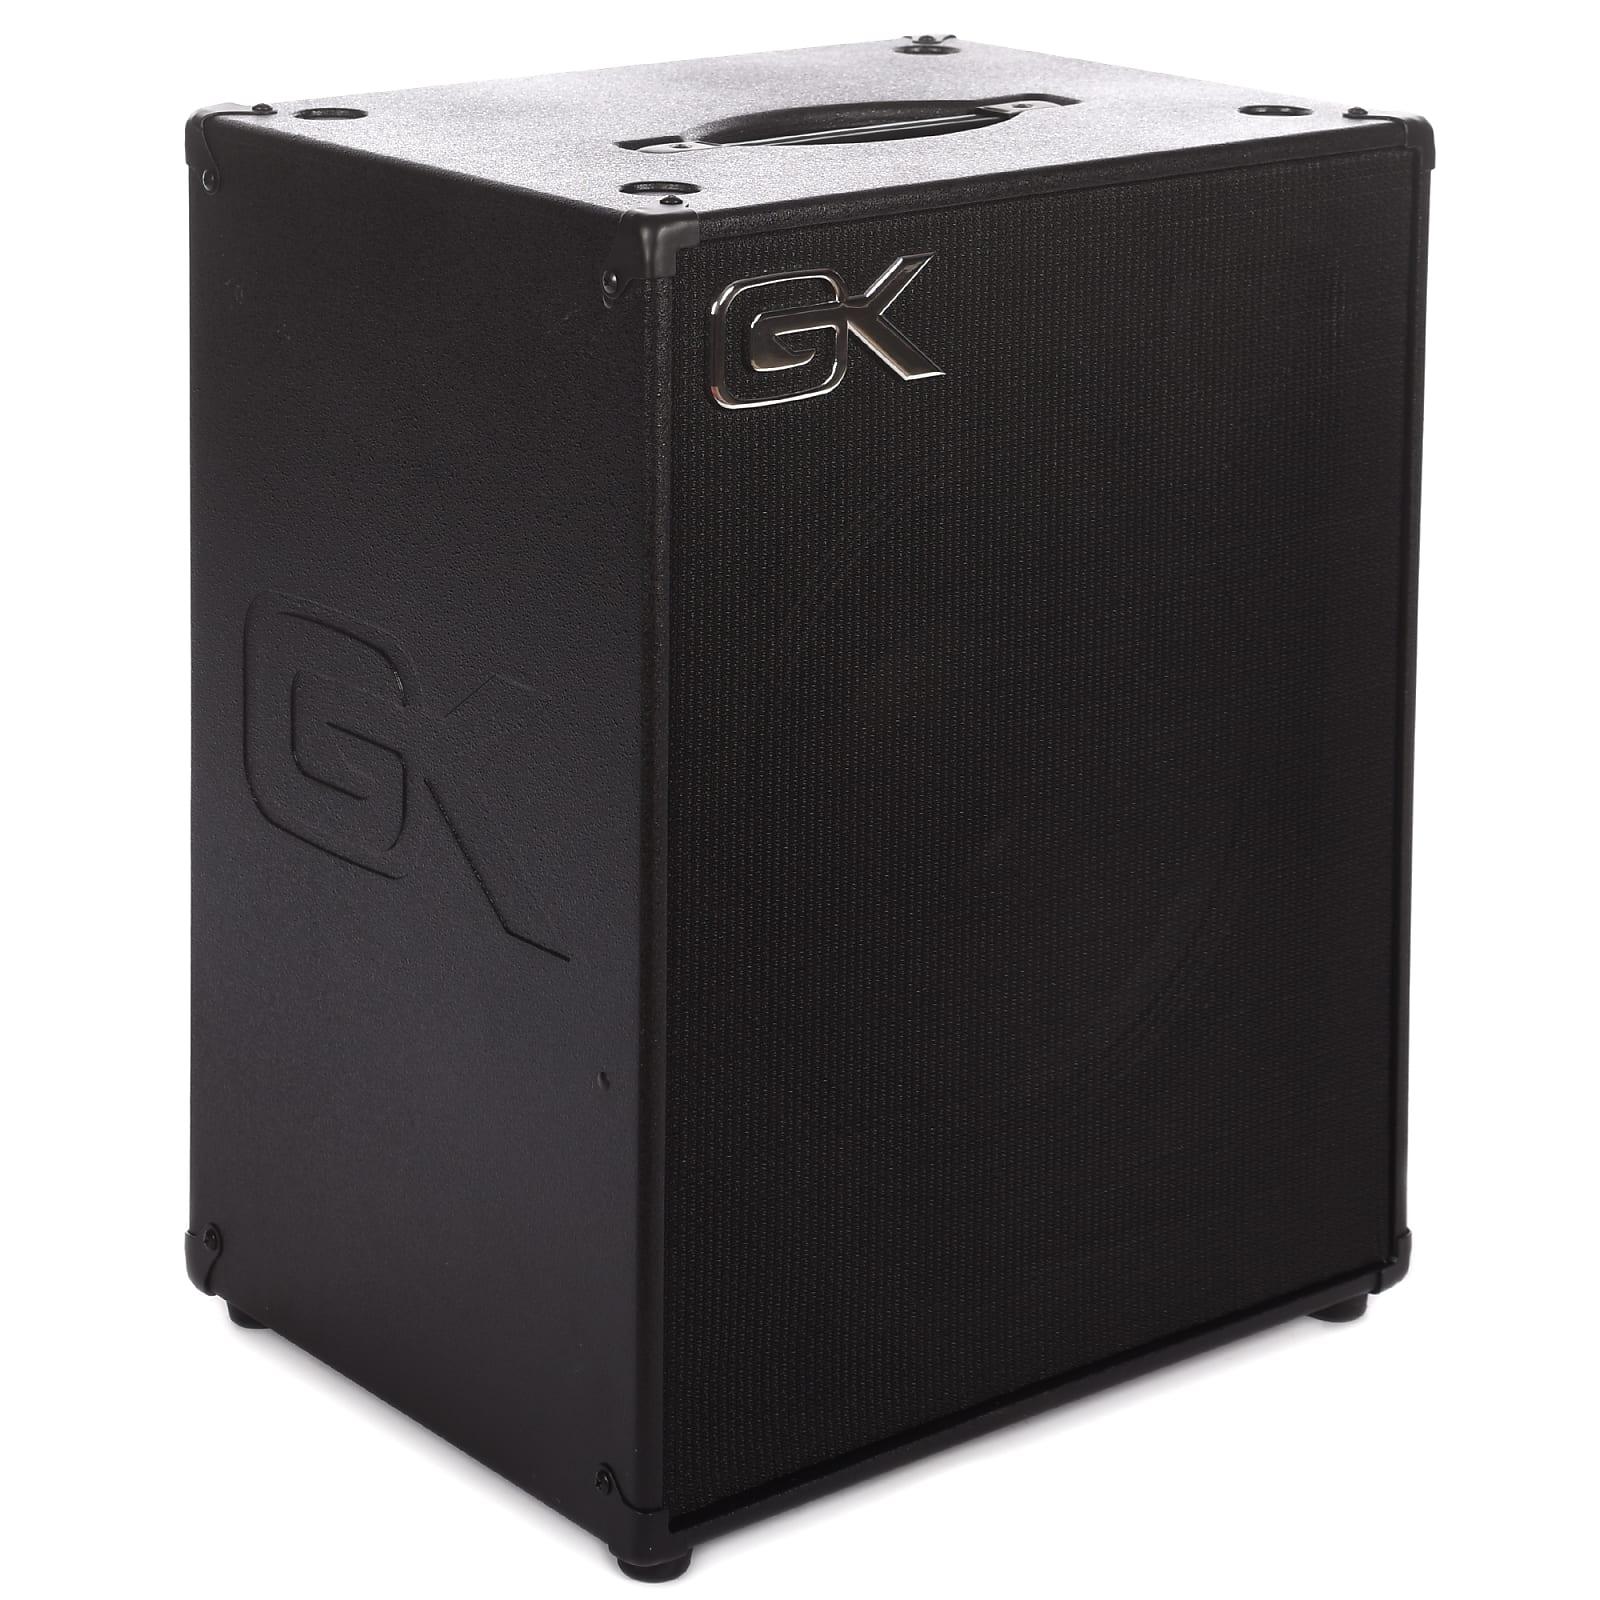 Gallien Krueger 200W 1x15 Powered Bass Cabinet